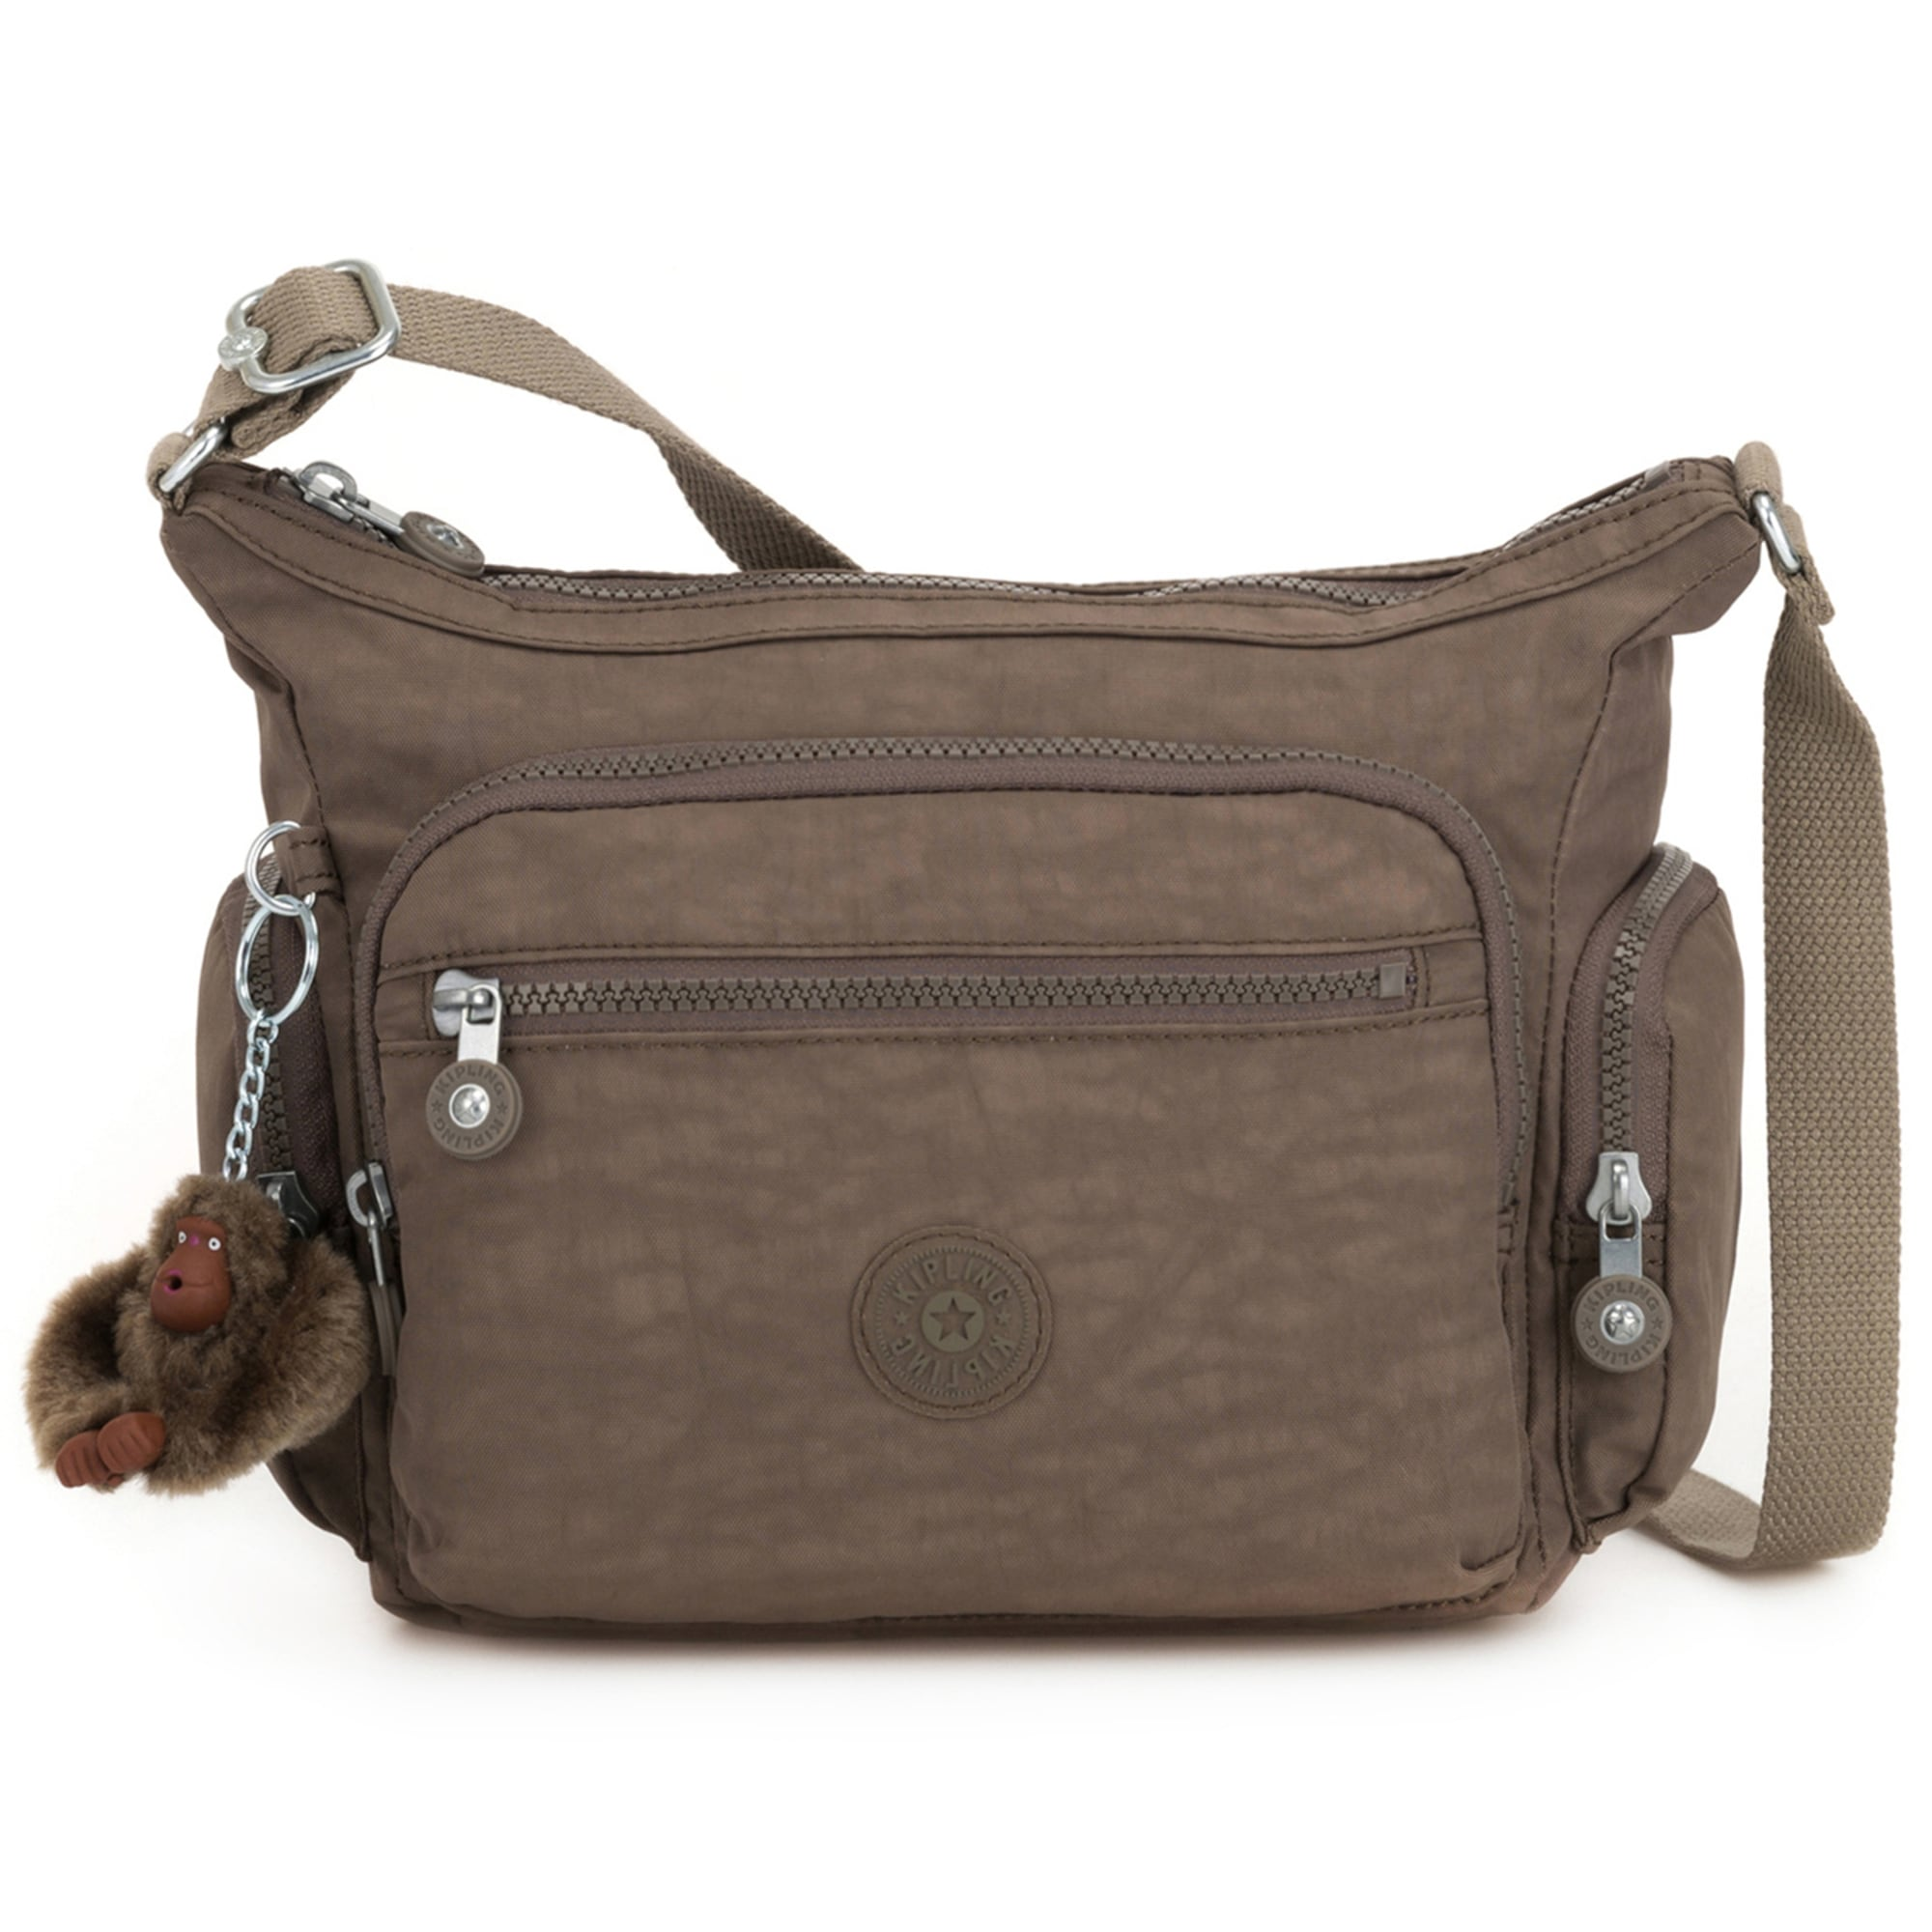 Umhängetasche | Taschen > Handtaschen > Umhängetaschen | Kipling